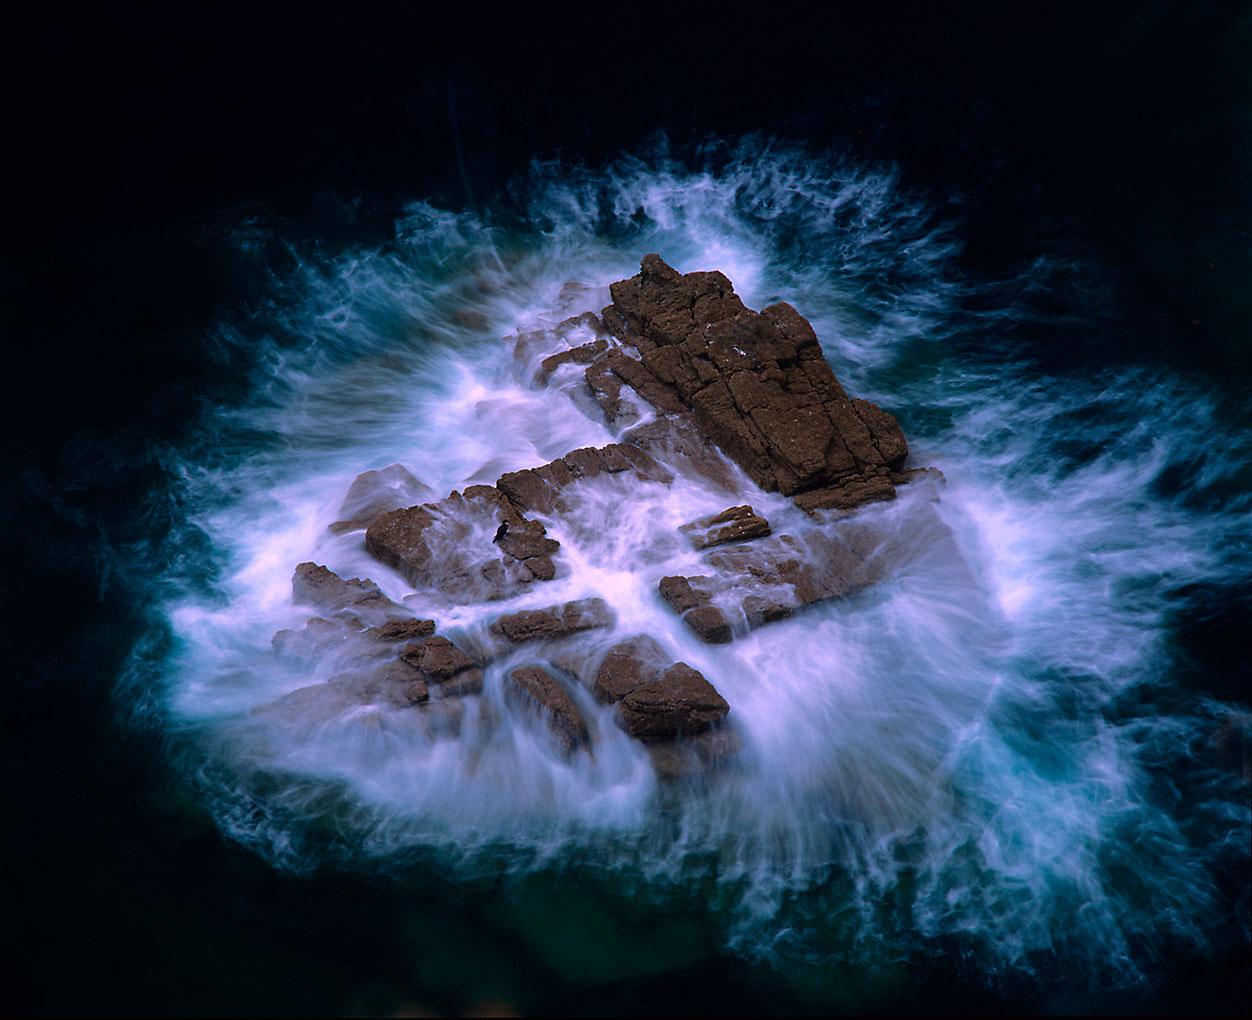 Door Ruben Smit - een rots bij Britanie waar een kuifaalscholver bijna wordt overspoeld door het opkomende tij